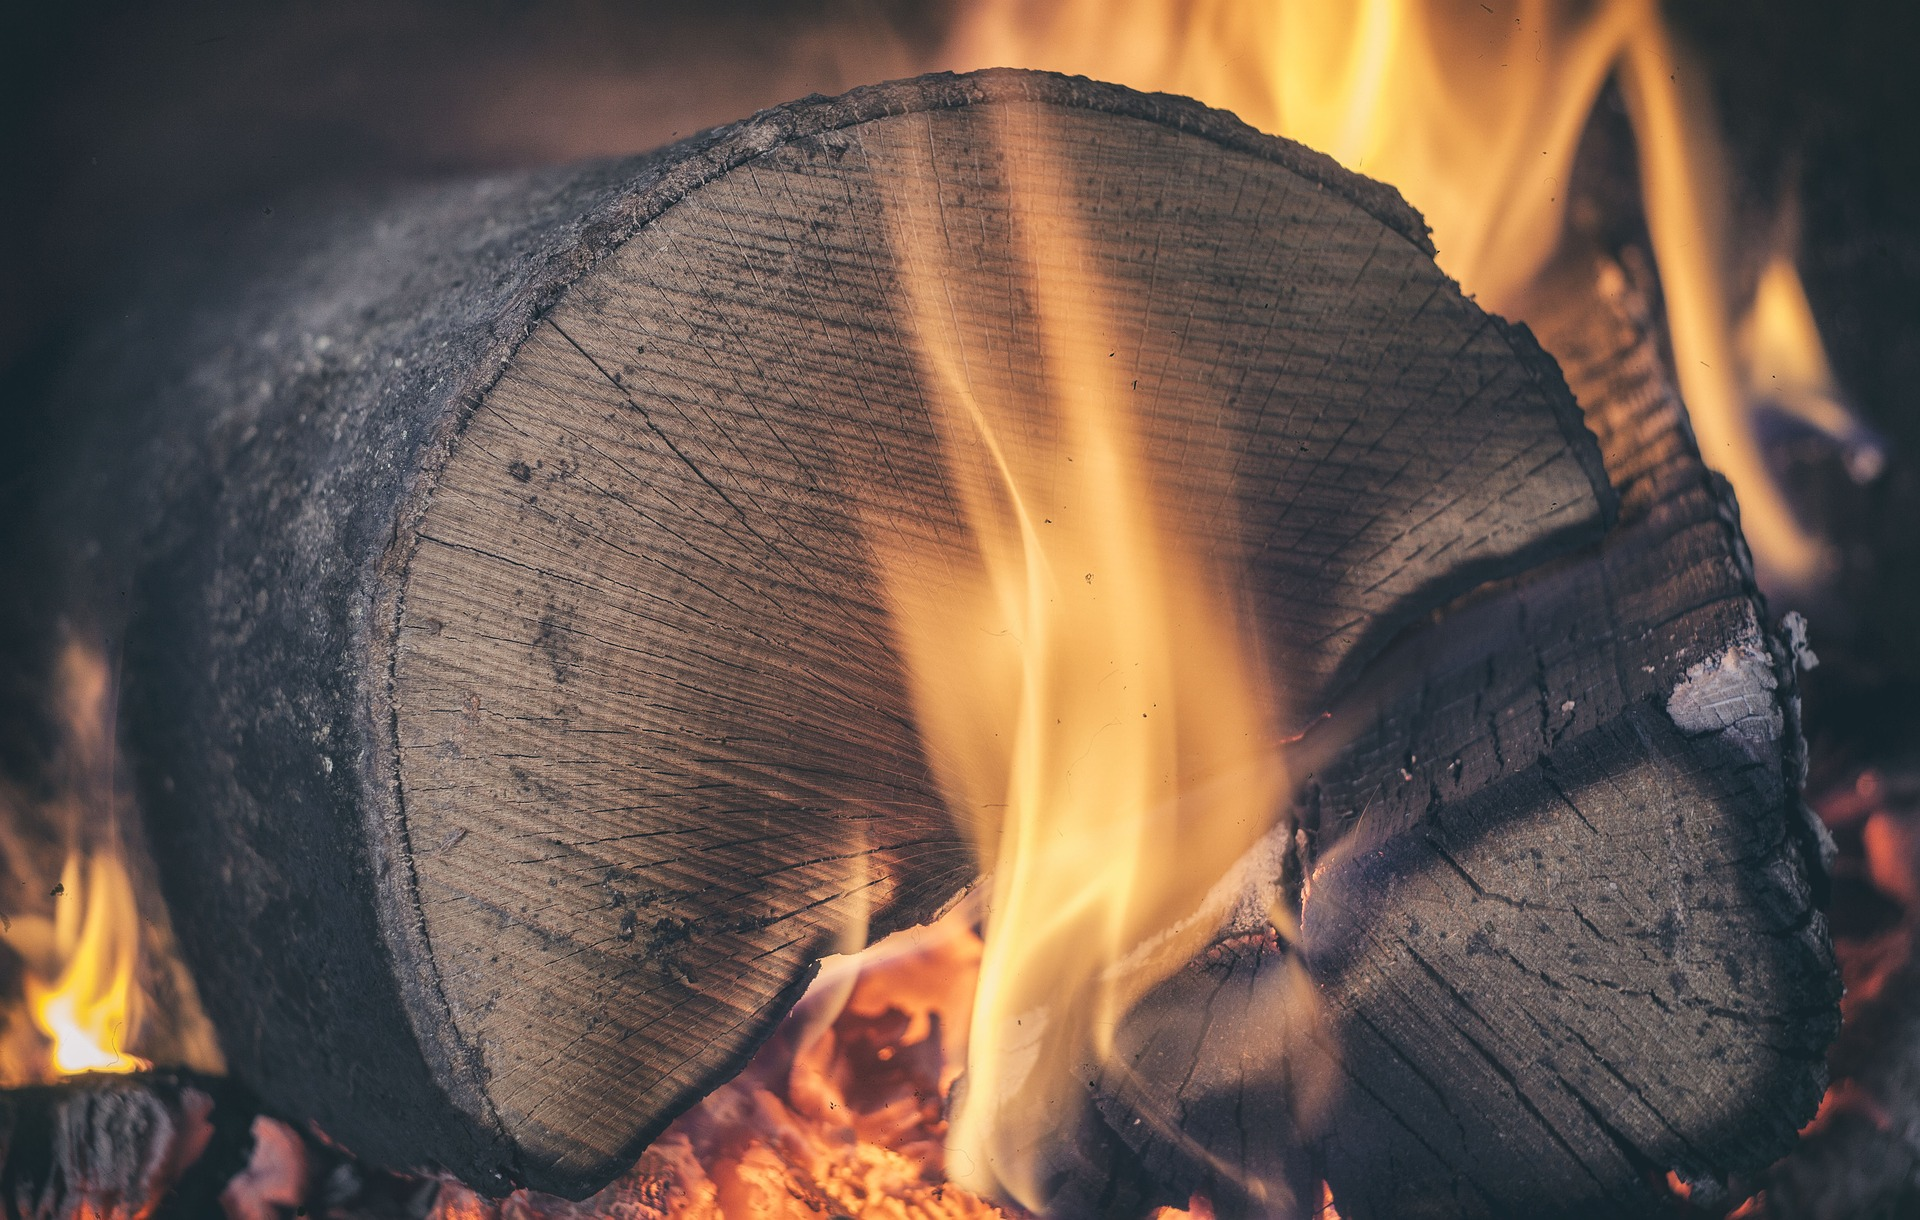 zdjęcie ilustracyjne - palące się drewno